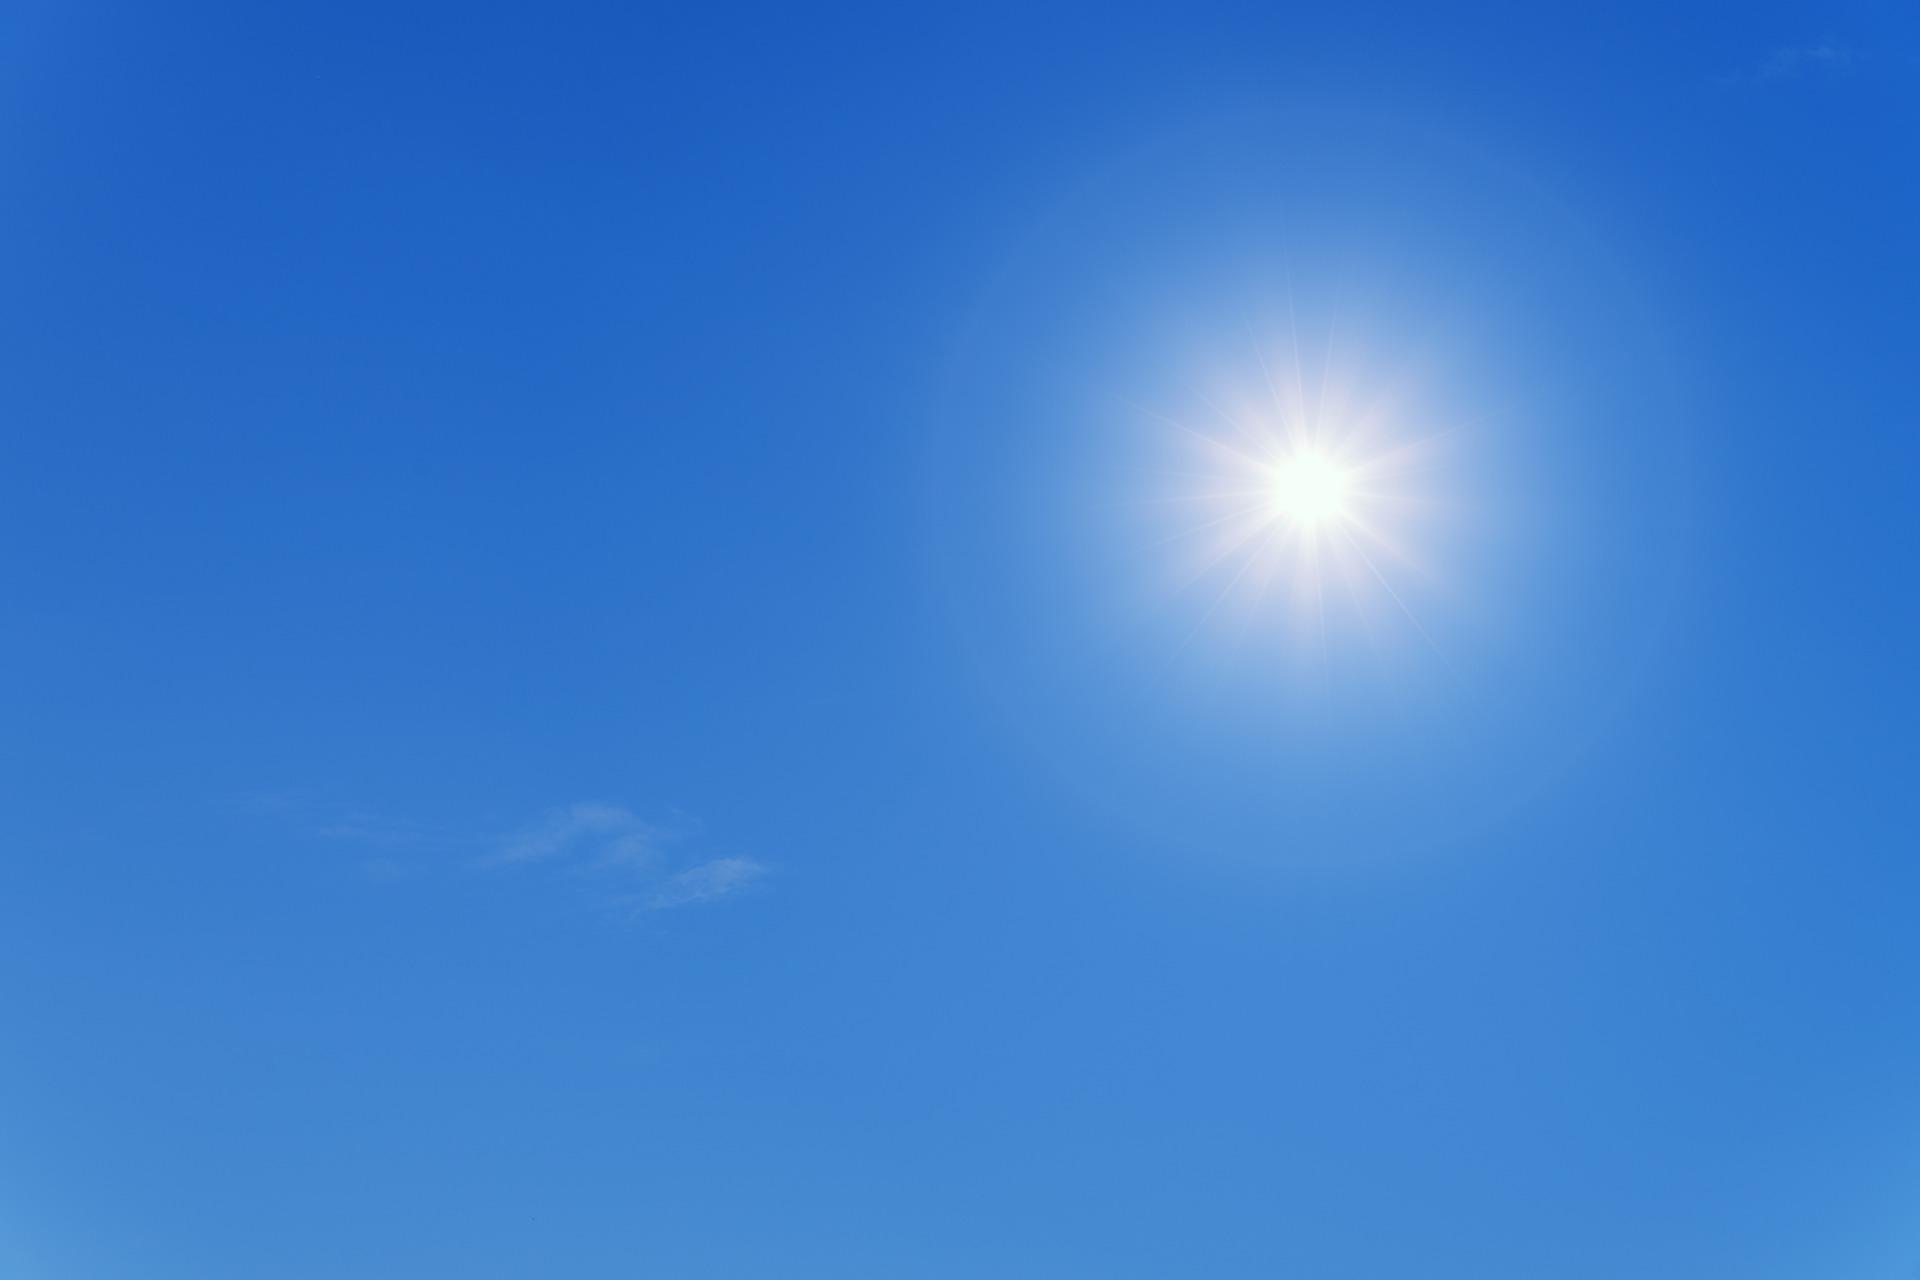 Voici tous mes conseils naturopathiques pour calmer et réparer la peau suite à des coups de soleil.